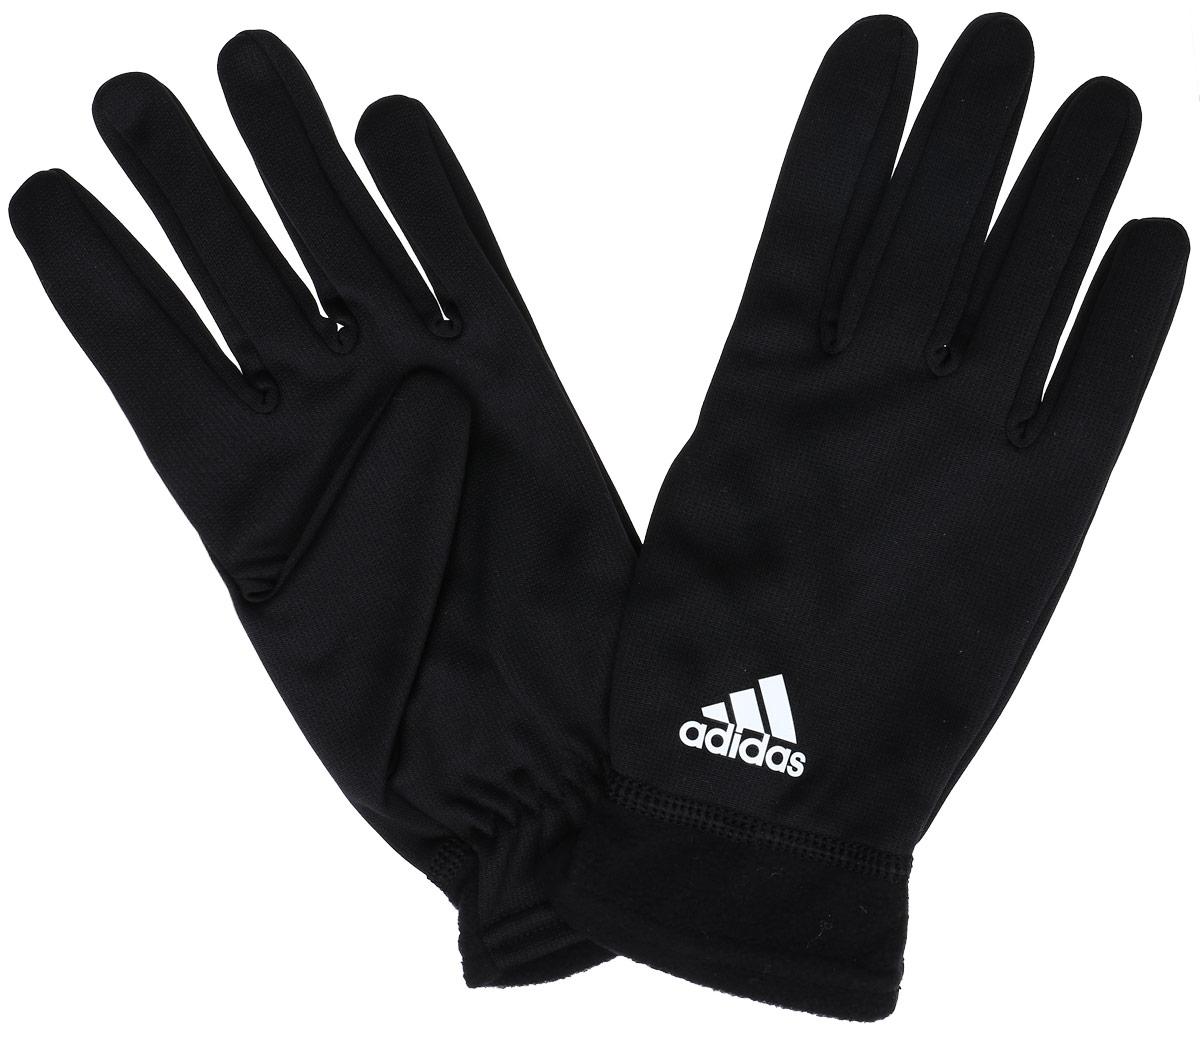 ПерчаткиAB0412Перчатки для бега Adidas Clmwm Flc Gl предназначены для занятий активными видами спорта в холодную погоду. Изделие выполнено из высококачественного полиэстера по технологии climawarm - защищают от холода, эффективно отводя от поверхности рук избытки тепла и влаги. Эластичные манжеты с плоскими швами обеспечивают надежную фиксацию. Тыльная сторона перчаток украшена логотипом бренда.